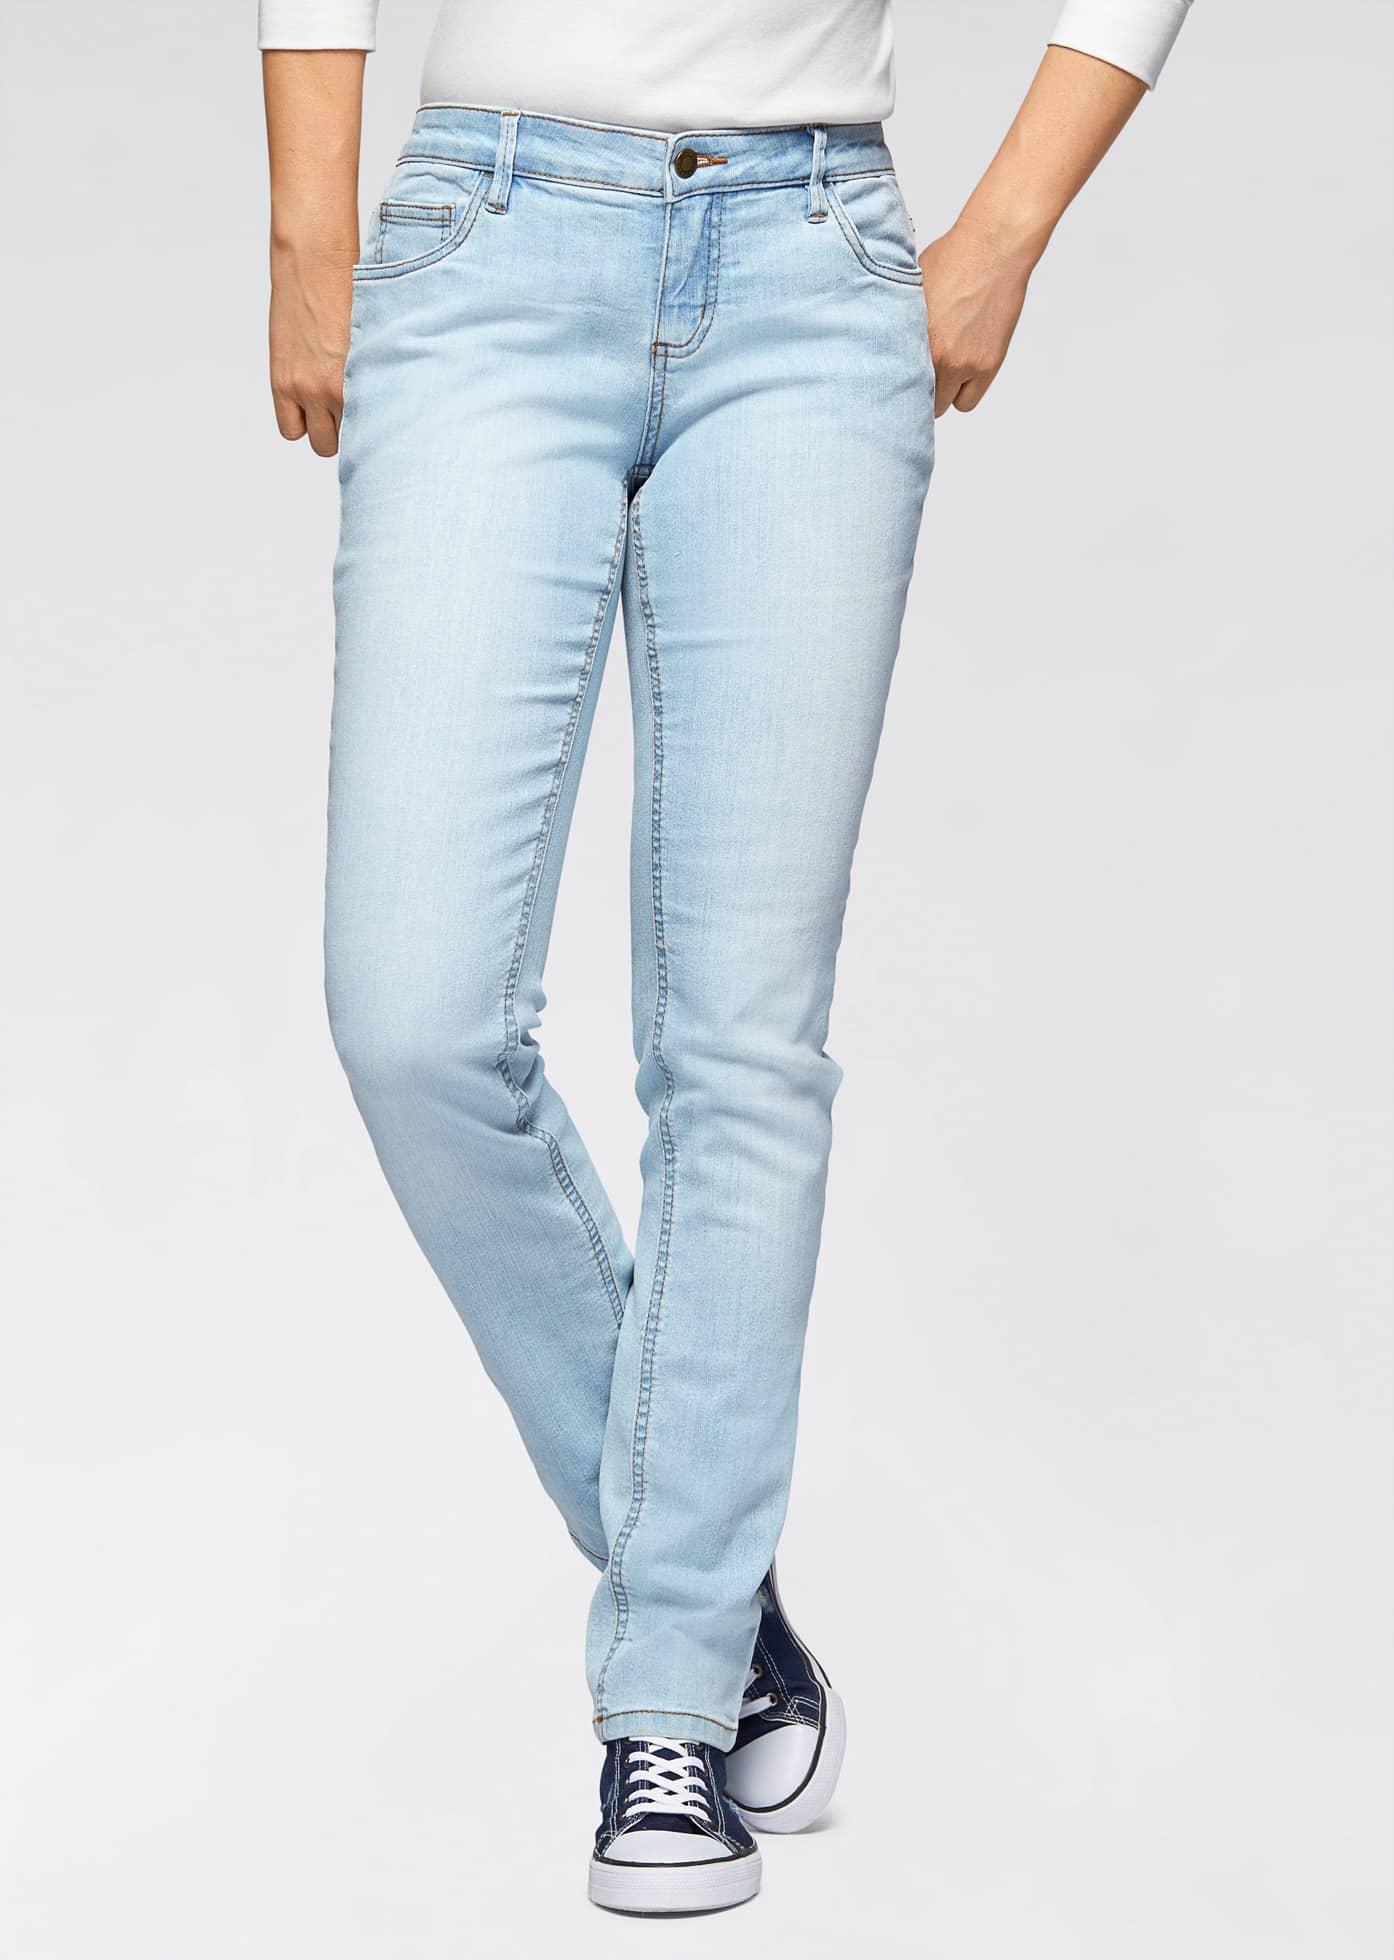 В тренді моделі блідо-блакитного кольору. eae5de5848001293533da889e63adf72  Жіночі джинси мода 2017 з фото актуальні образи кольору поради стилістів ca72fb2c25467